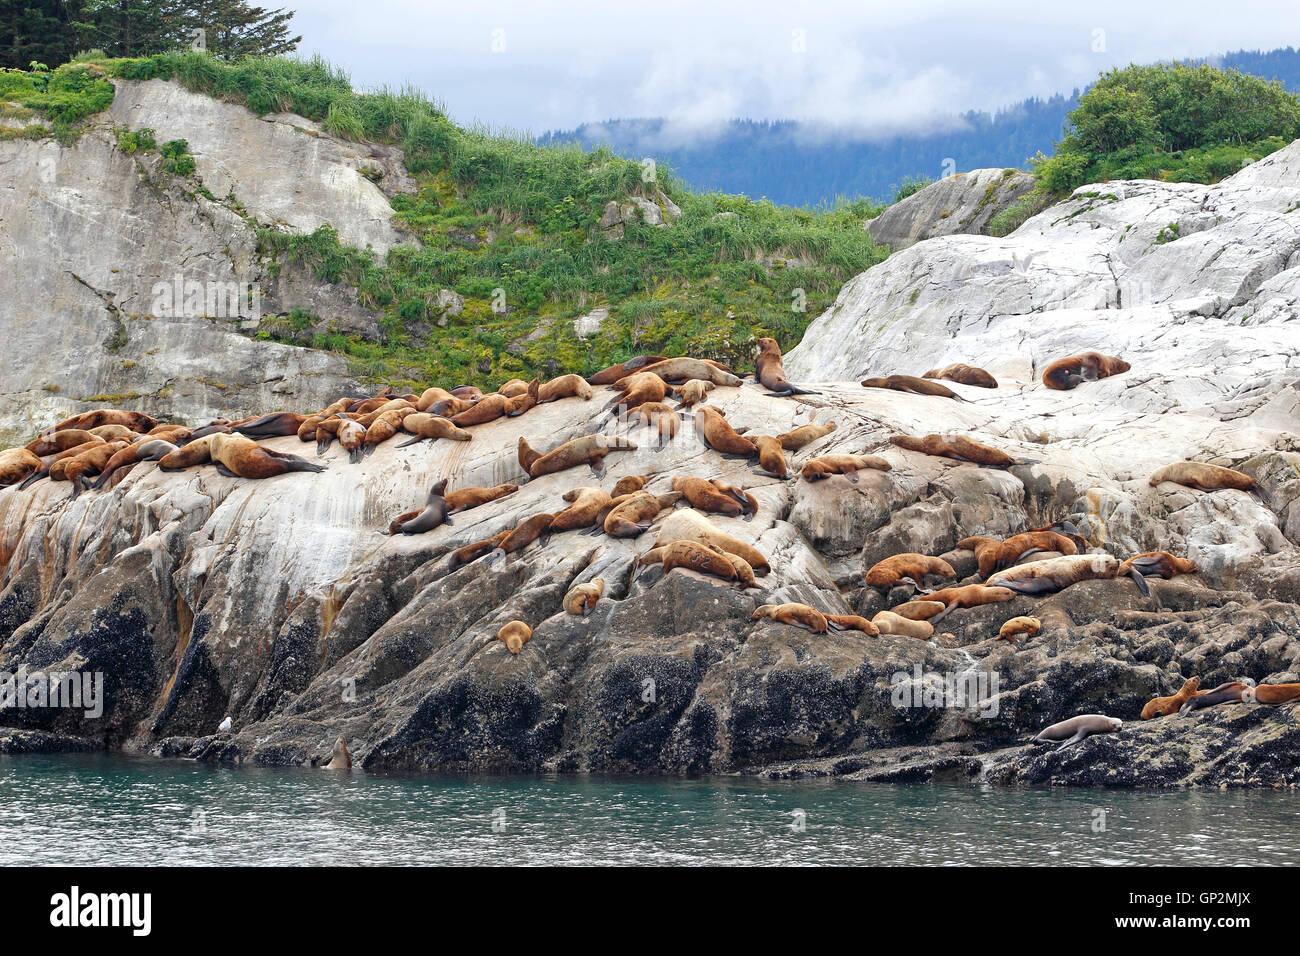 Steller sea lions basking by Dawes Glacier Fog clouds Endicott Arm Inside Passage Southeast Alaska USA - Stock Image